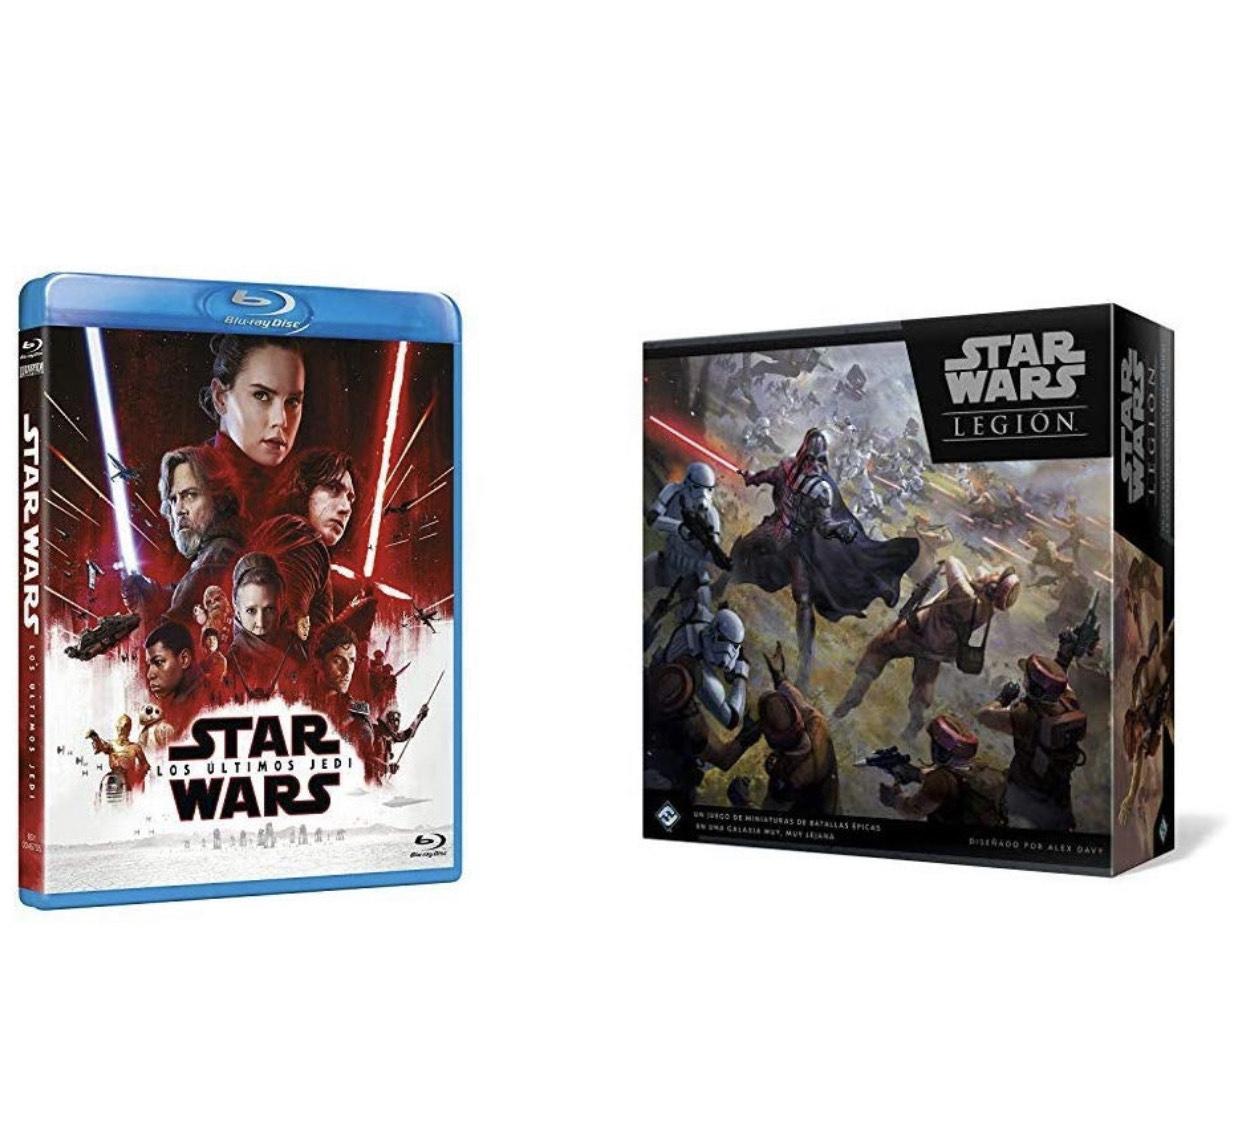 Star Wars - Juego de mesa Legión + DVD Los Últimos Jedi